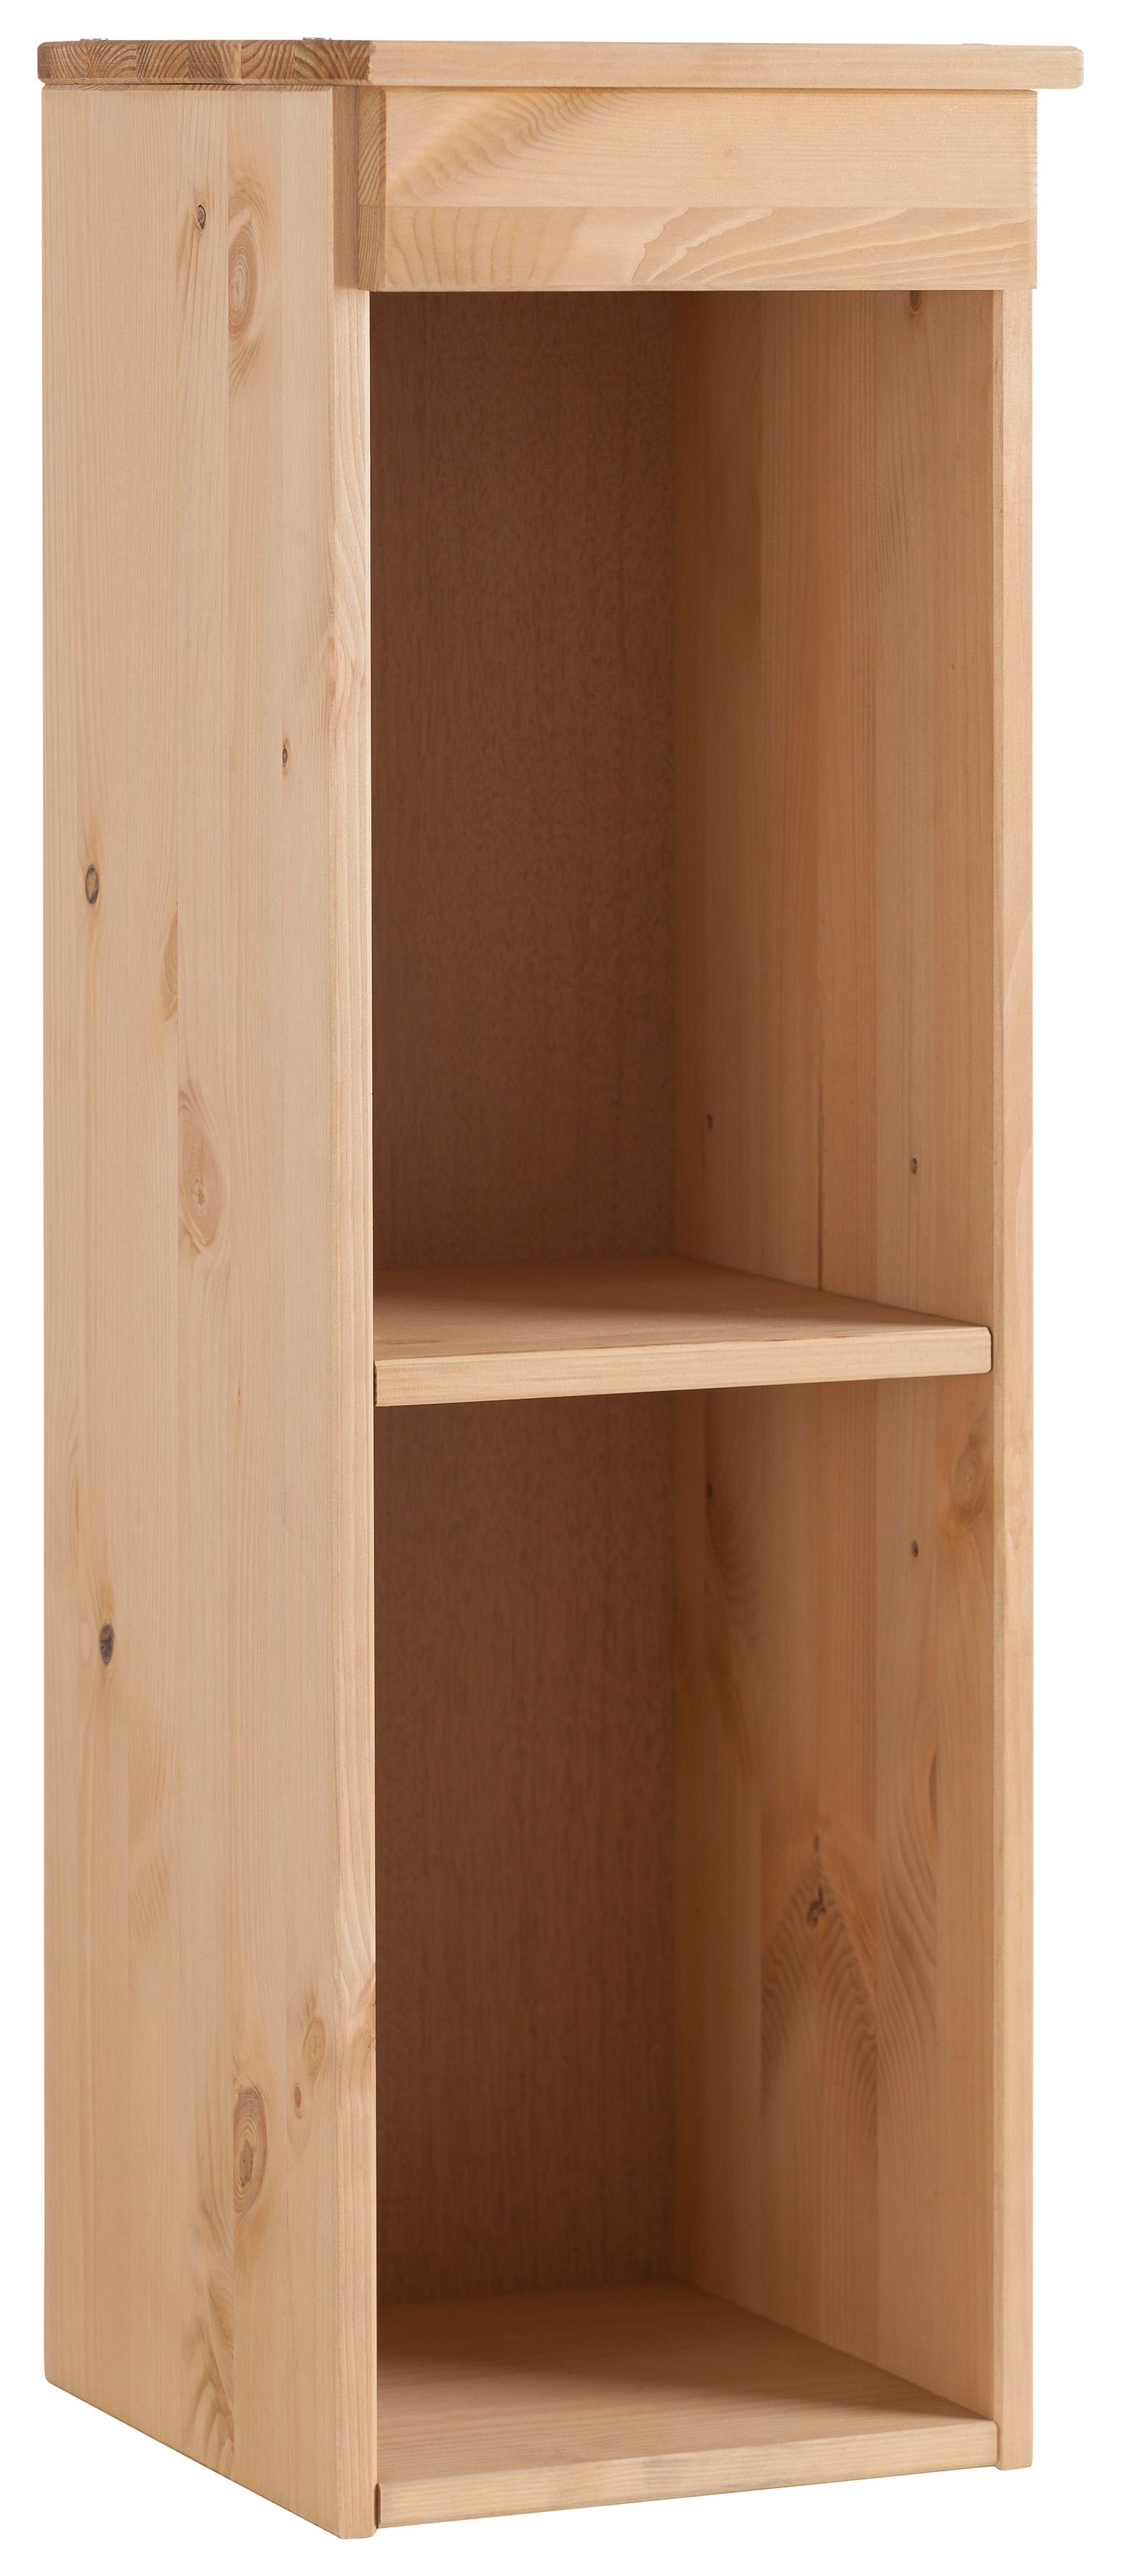 Op zoek naar een Home affaire hangrekje Oslo 25 cm breed, van massief grenen, met 2 vakken? Koop online bij OTTO